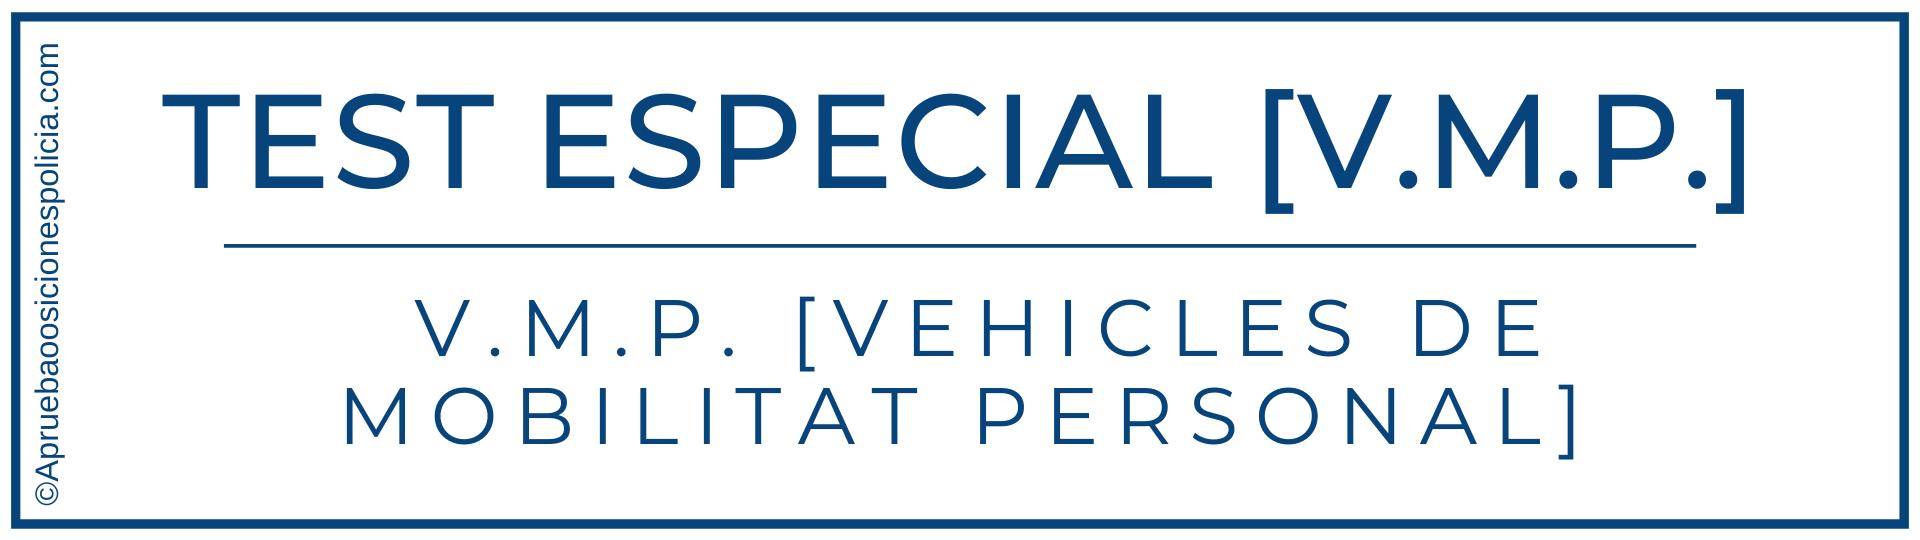 test vehiculos movilidad especial vmp